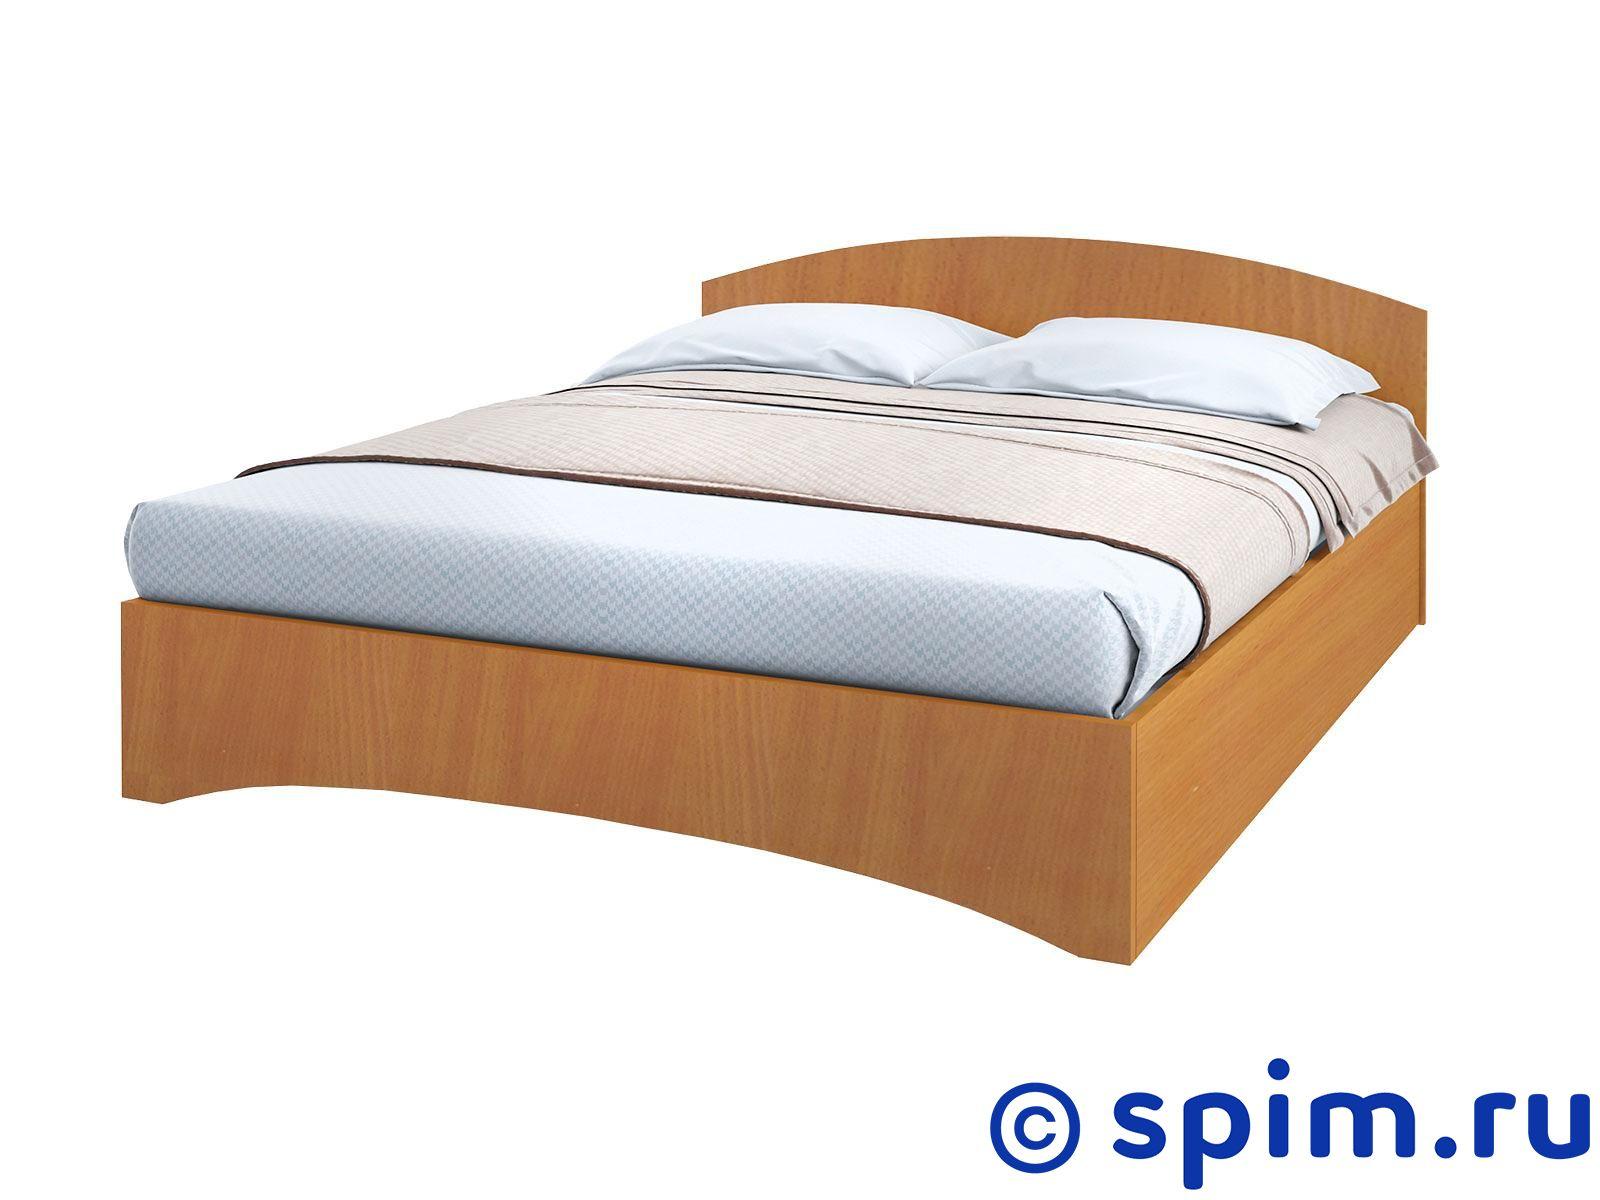 Кровать Промтекс-Ориент Рено 1 110х200 см жильбер рено исцеление воспоминанием